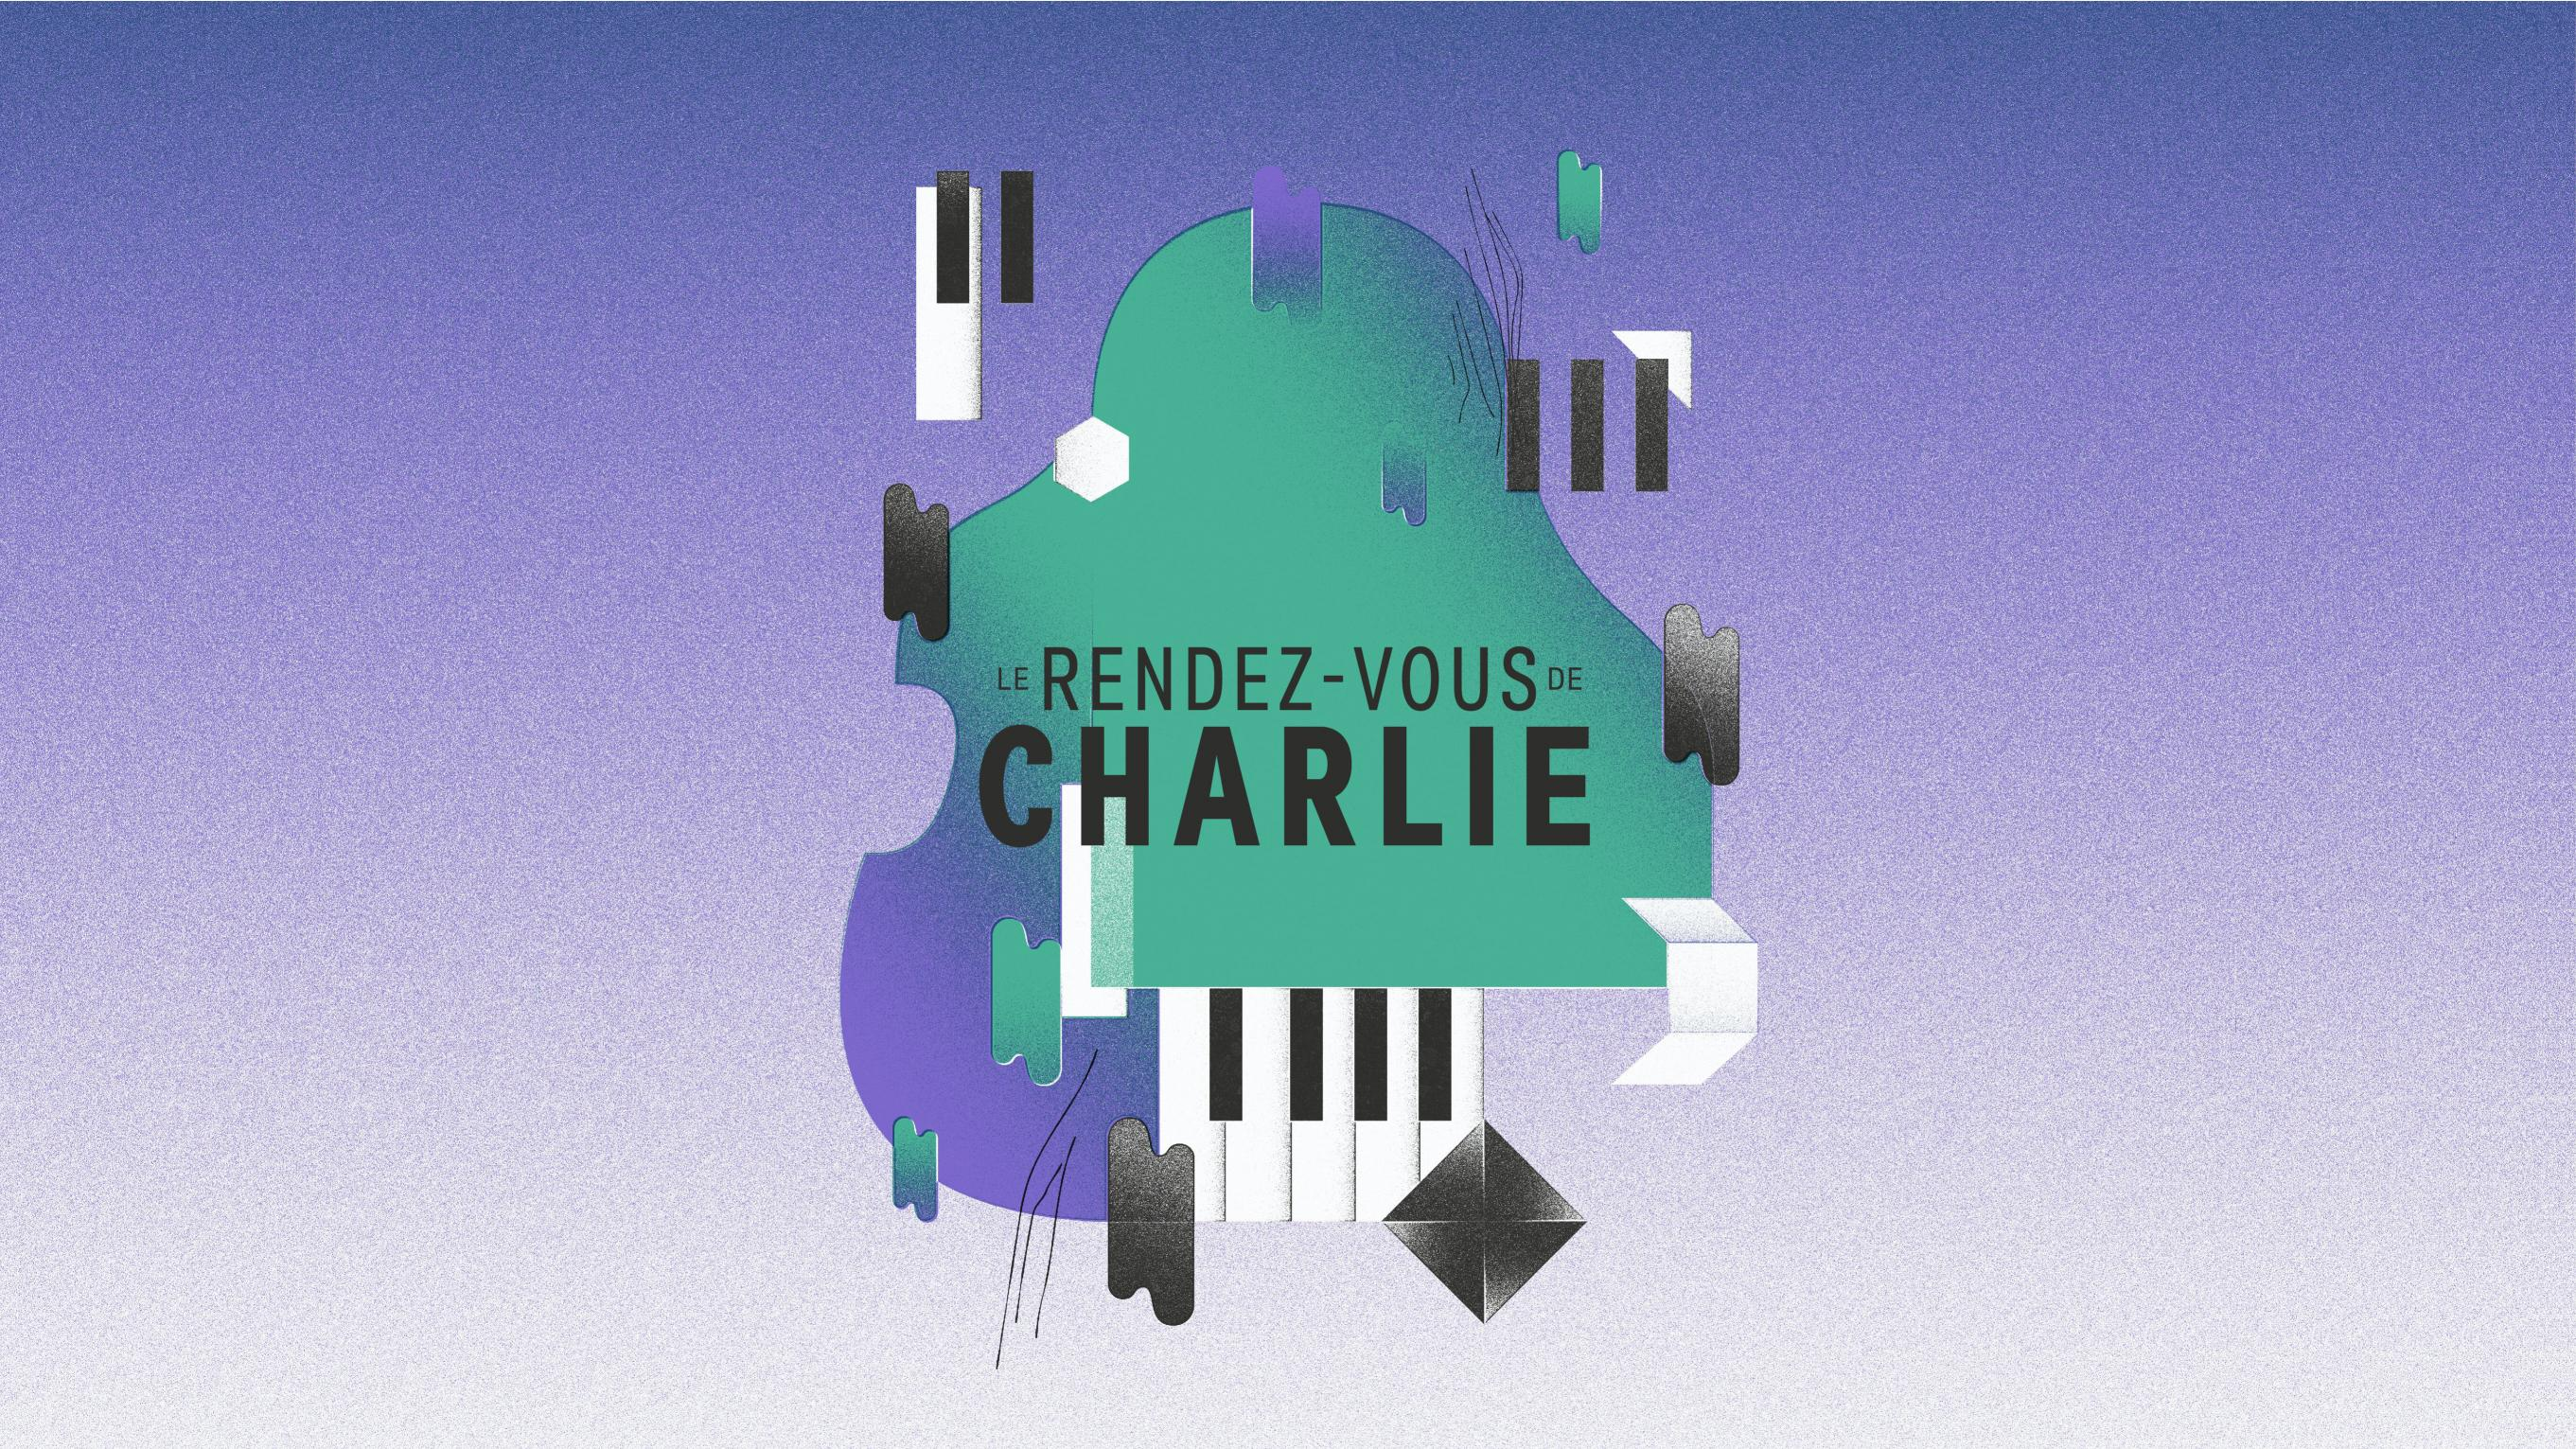 Le Rendez-Vous de Charlie